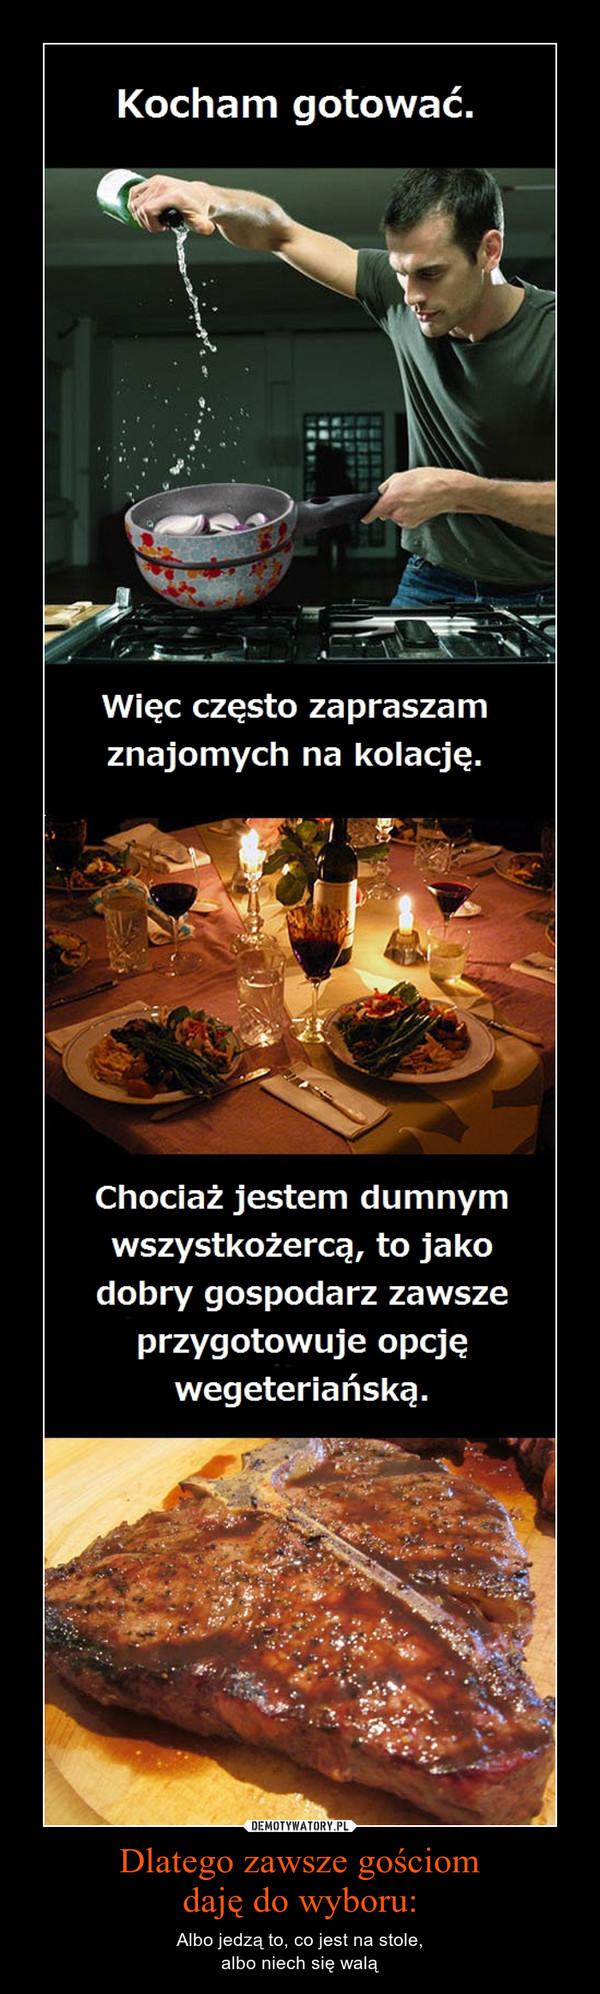 Dlatego zawsze gościomdaję do wyboru: – Albo jedzą to, co jest na stole,albo niech się walą